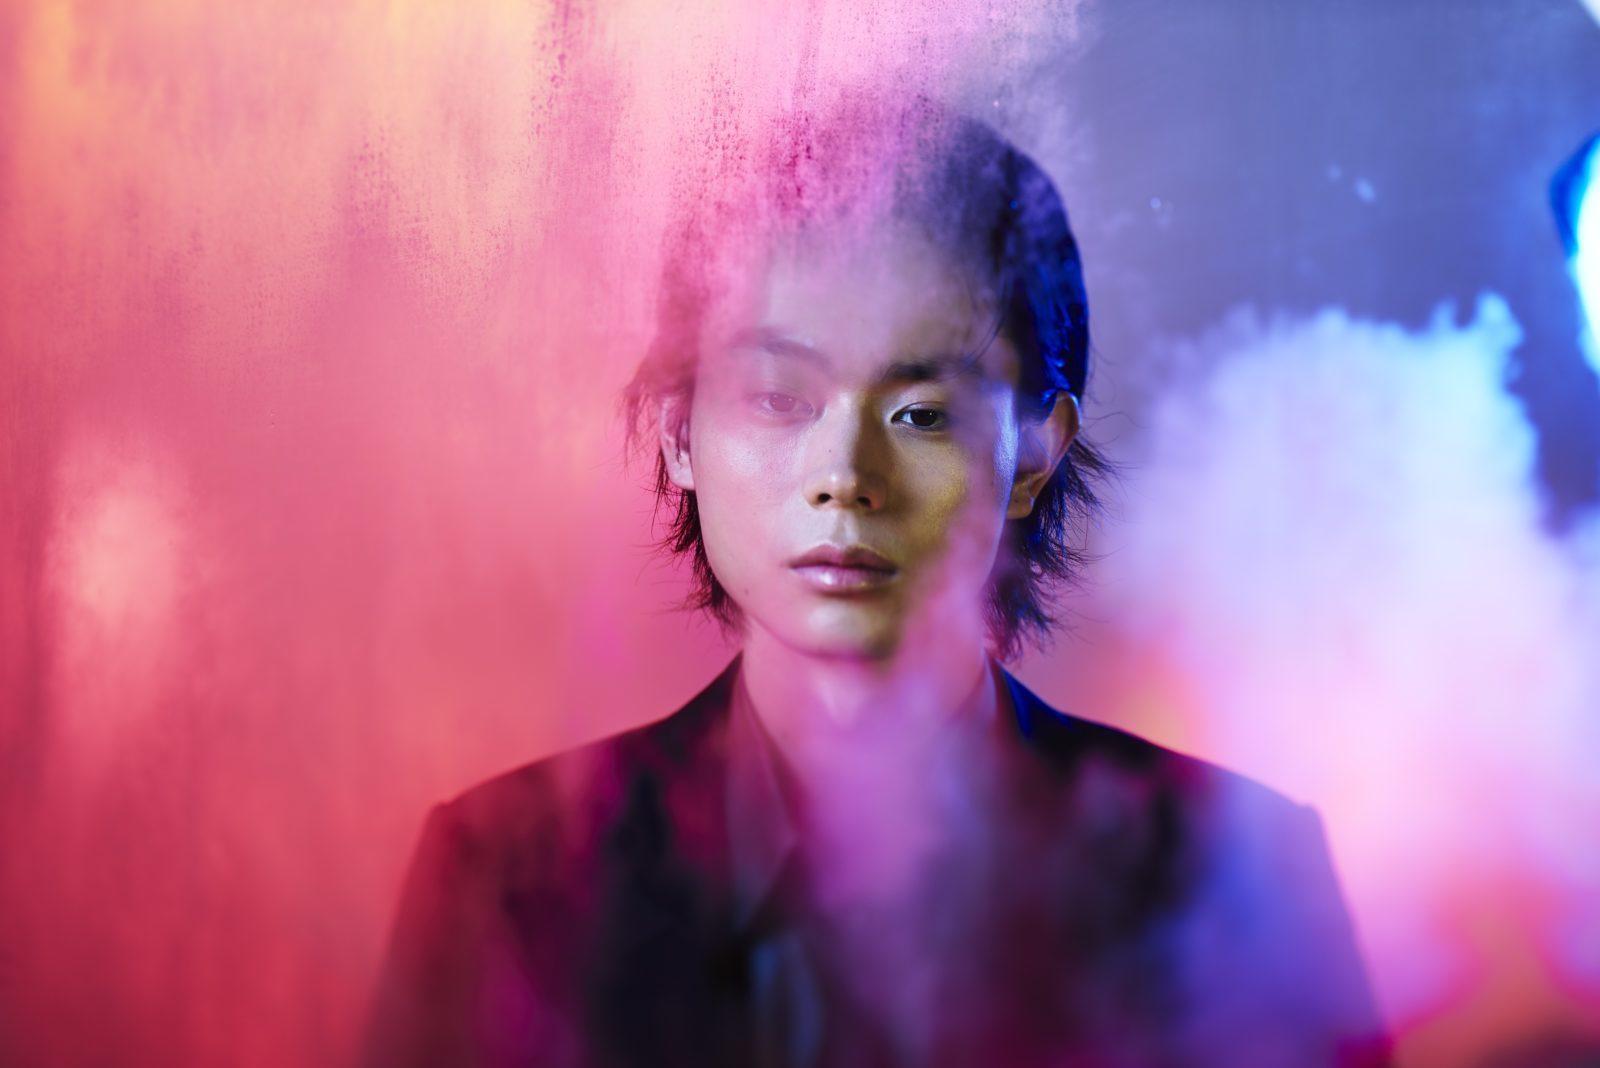 菅田将暉、林遣都を「しゅんって」させてしまったプライベートエピソード明かし「かわいい」「優しすぎる」サムネイル画像